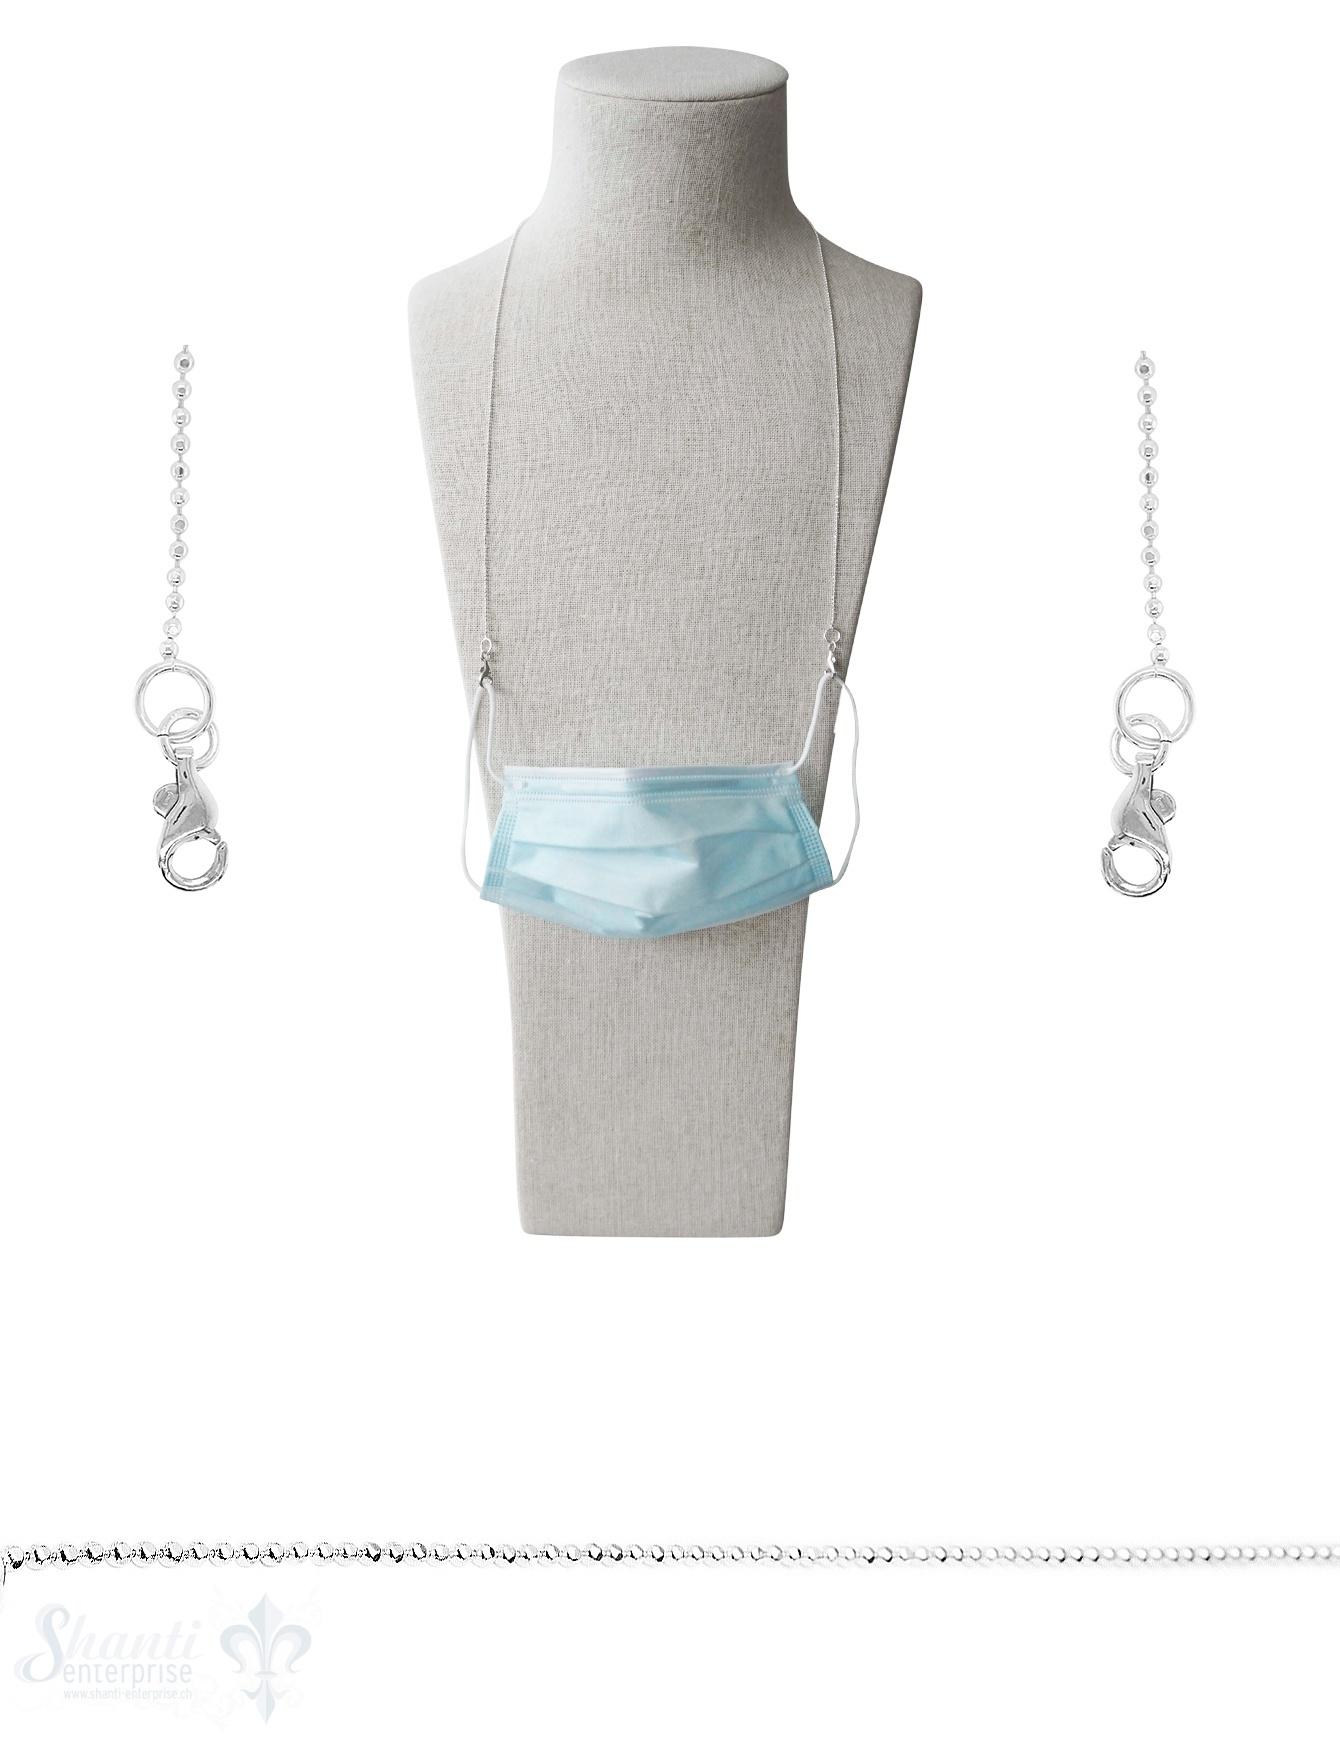 Brillen- oder Maskenkette 70 cm Silberkette Kugel 2 mm facettiert  mit 2 Karabiner Silber und Gummischlaufen ca. 10 gr.